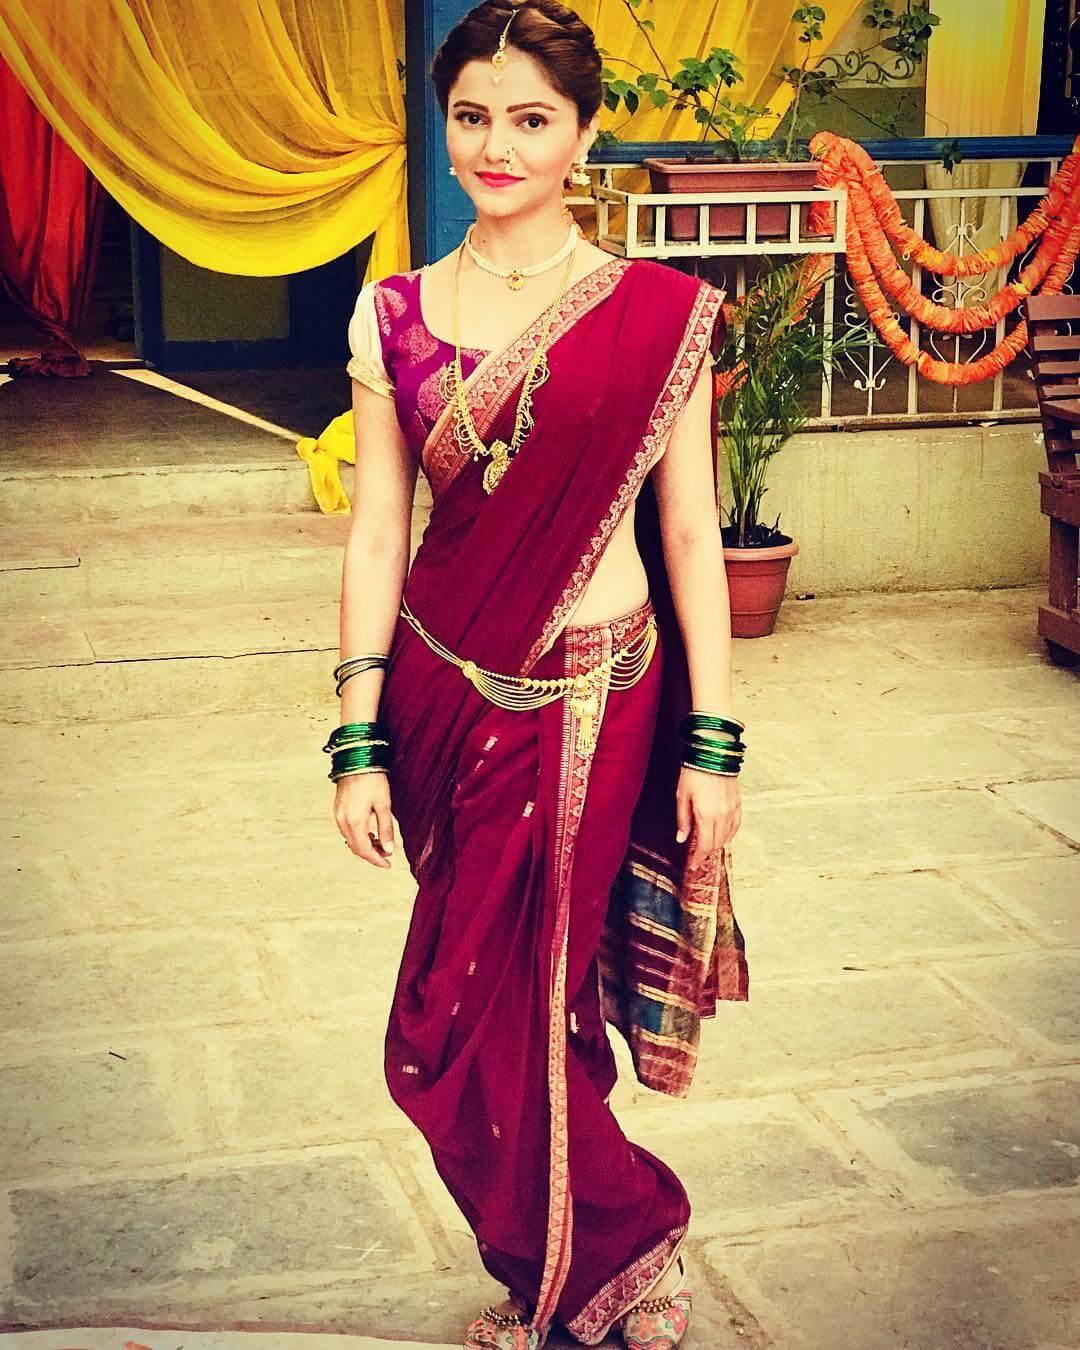 Puff Sleeved Saree Blouse Design by Rubina Dilaik